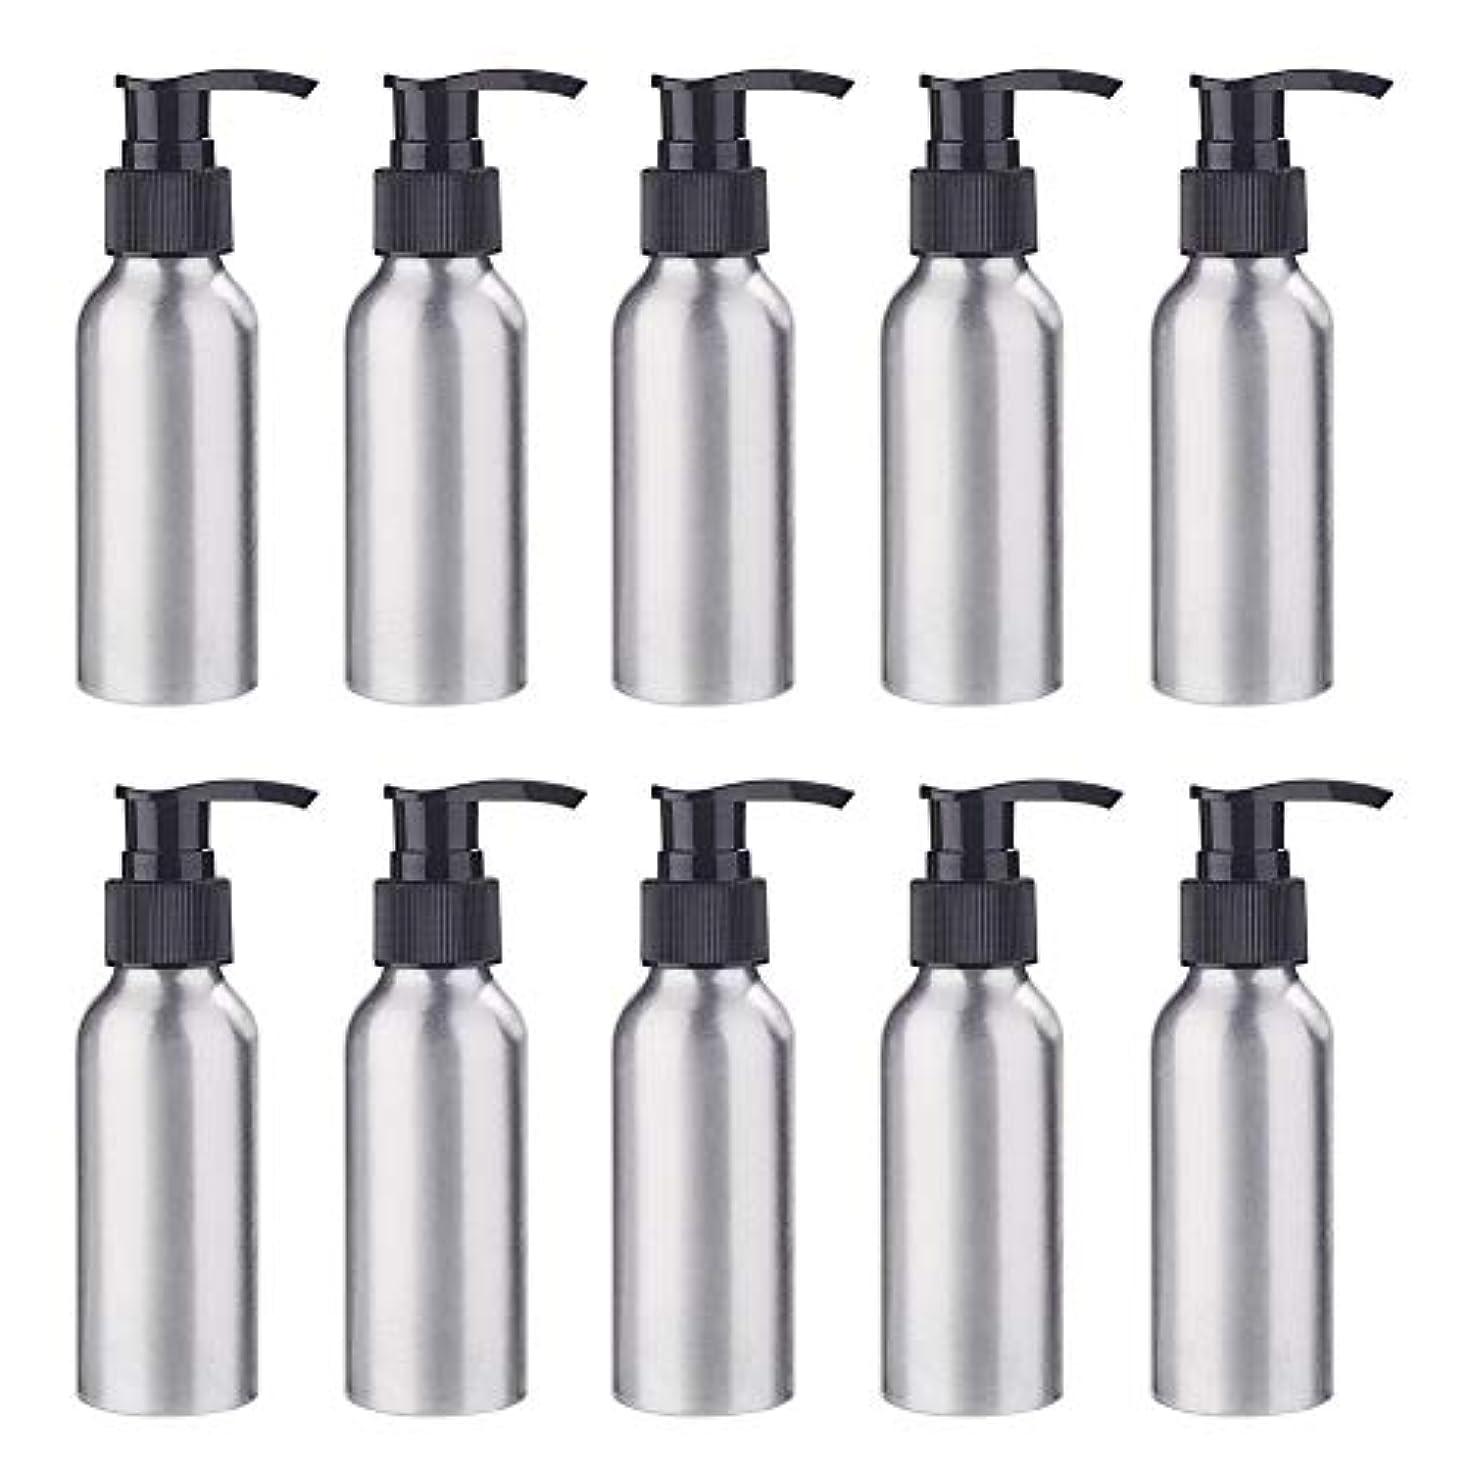 喜び卒業先見の明BENECREAT 10個セット100mlポンプアルミボトル 空ボトル 防錆 軽量 化粧品 クリーム シャンプー 小分け 詰め替え 黒いポンプ